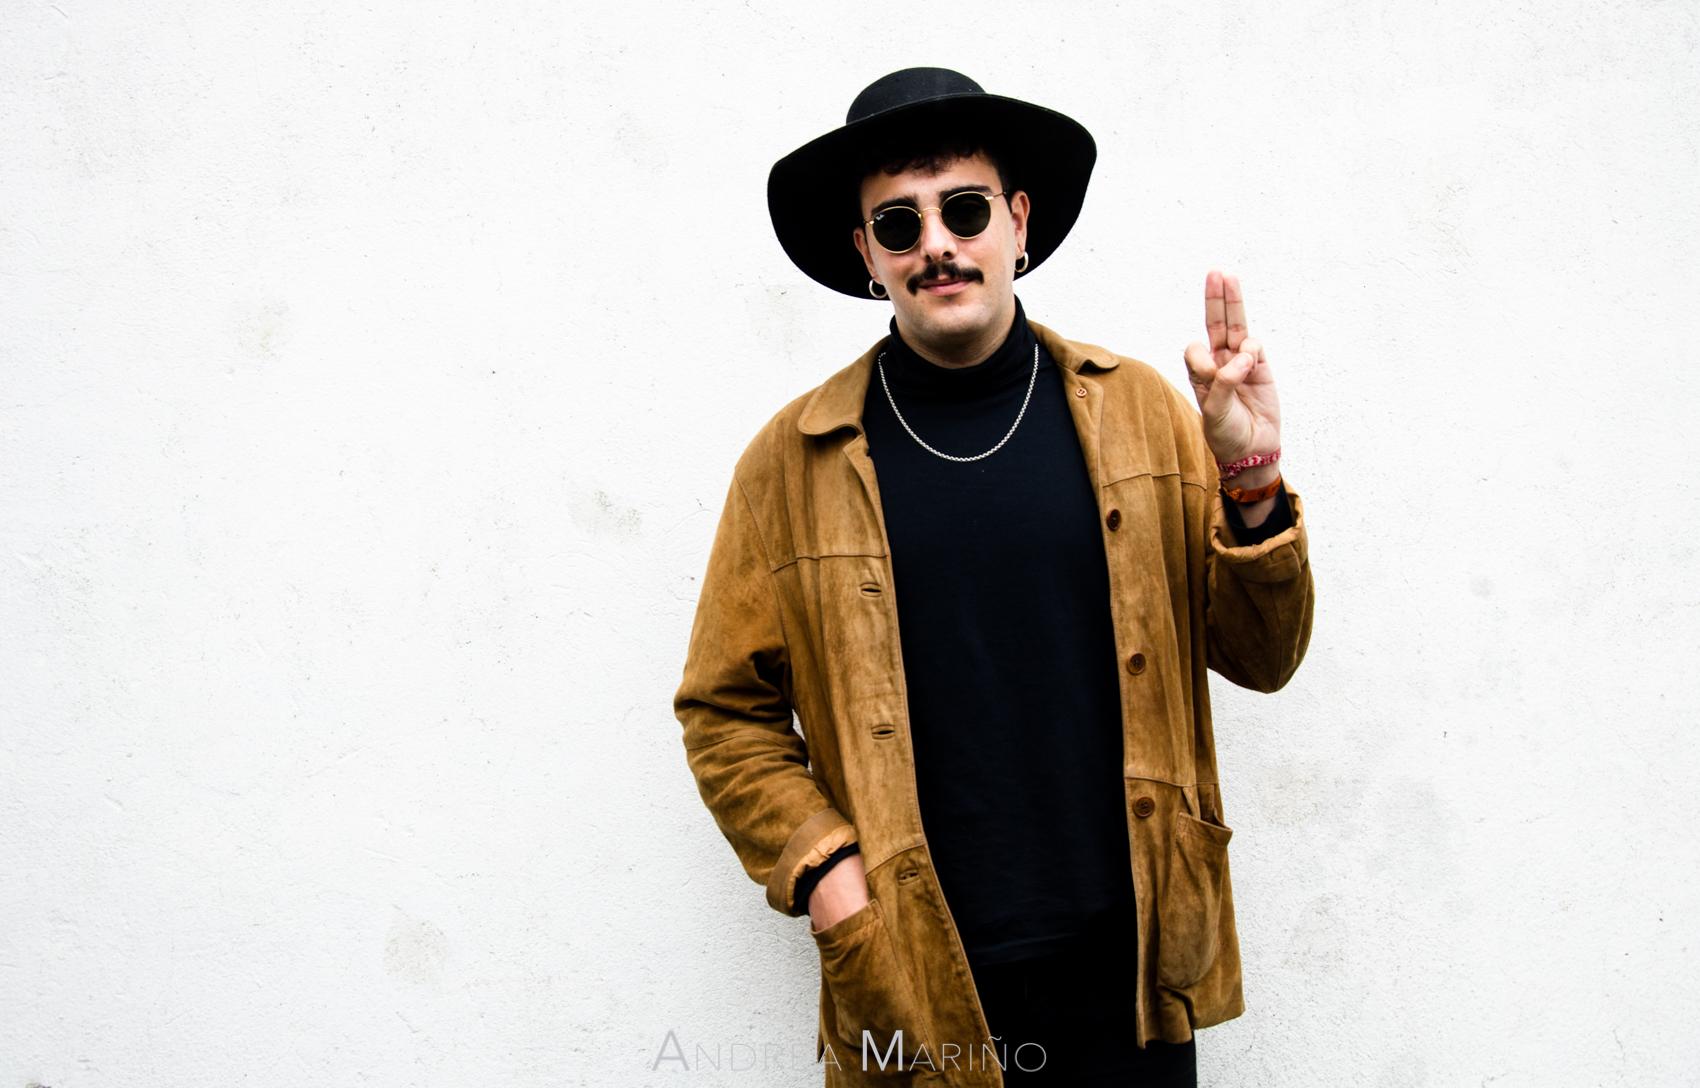 Andrea Mariño. Dallasgracias. Promo. Vigo. 14/6/16